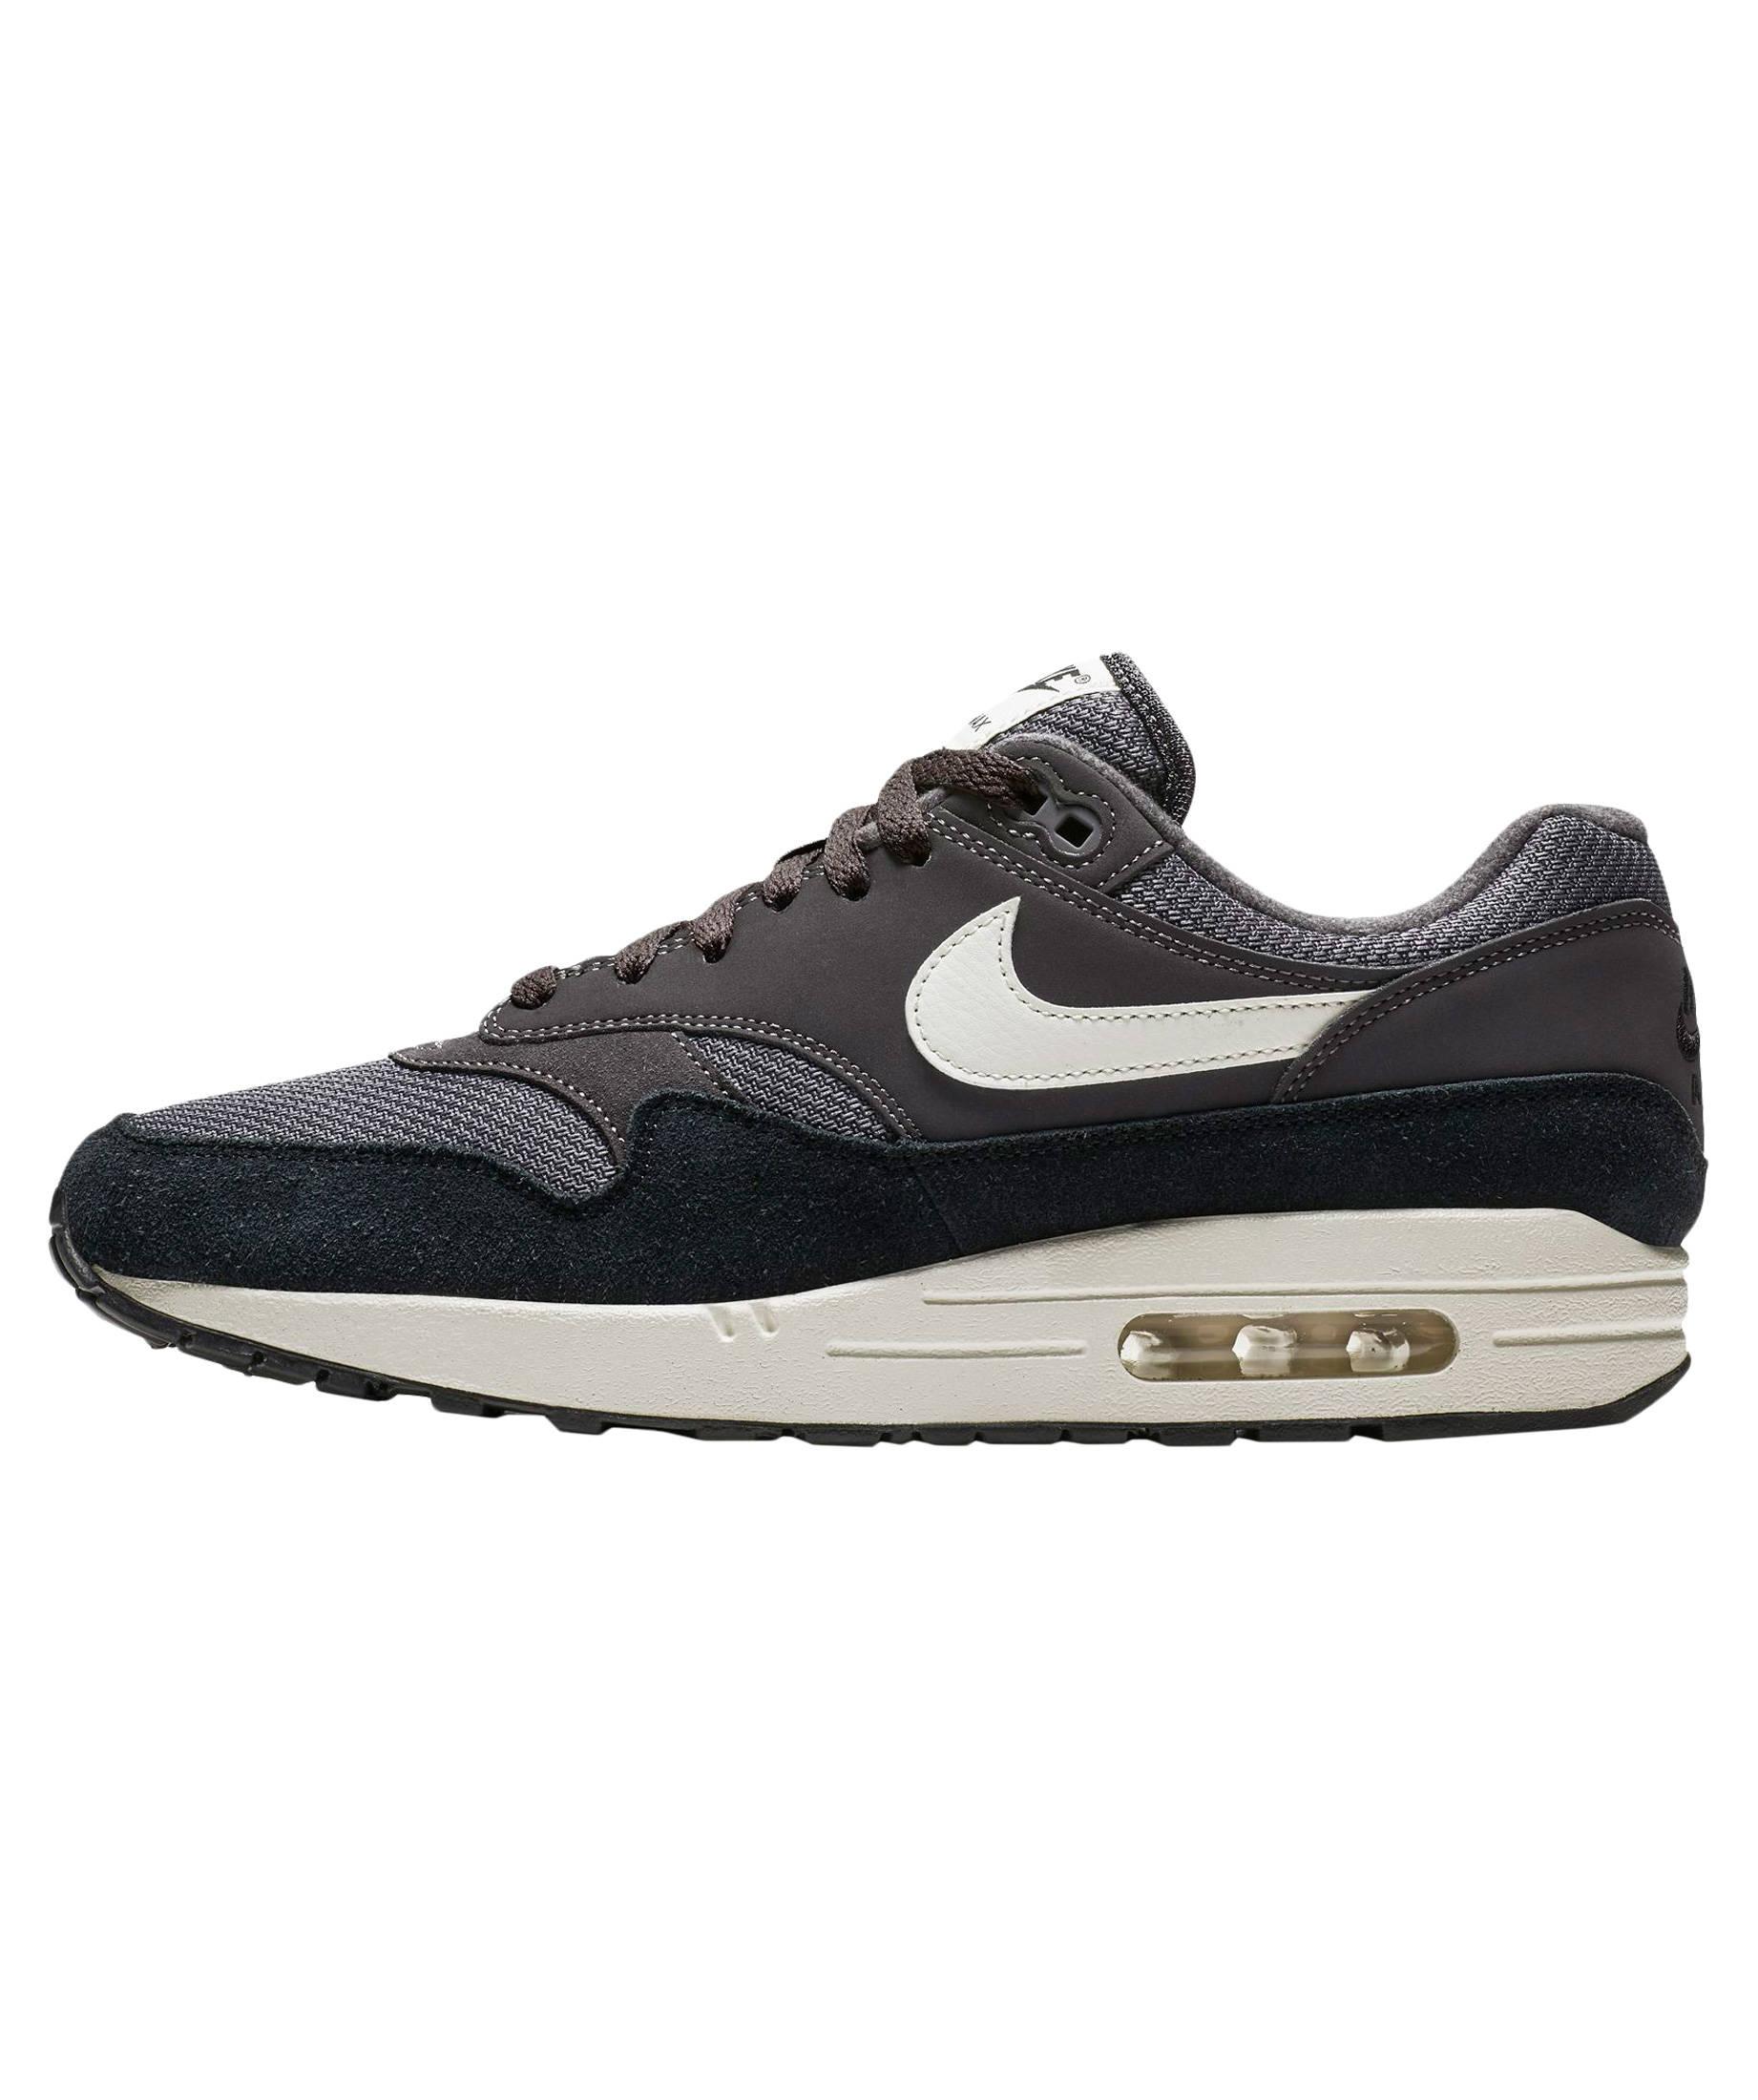 official shop the cheapest buy popular Herren Sneaker